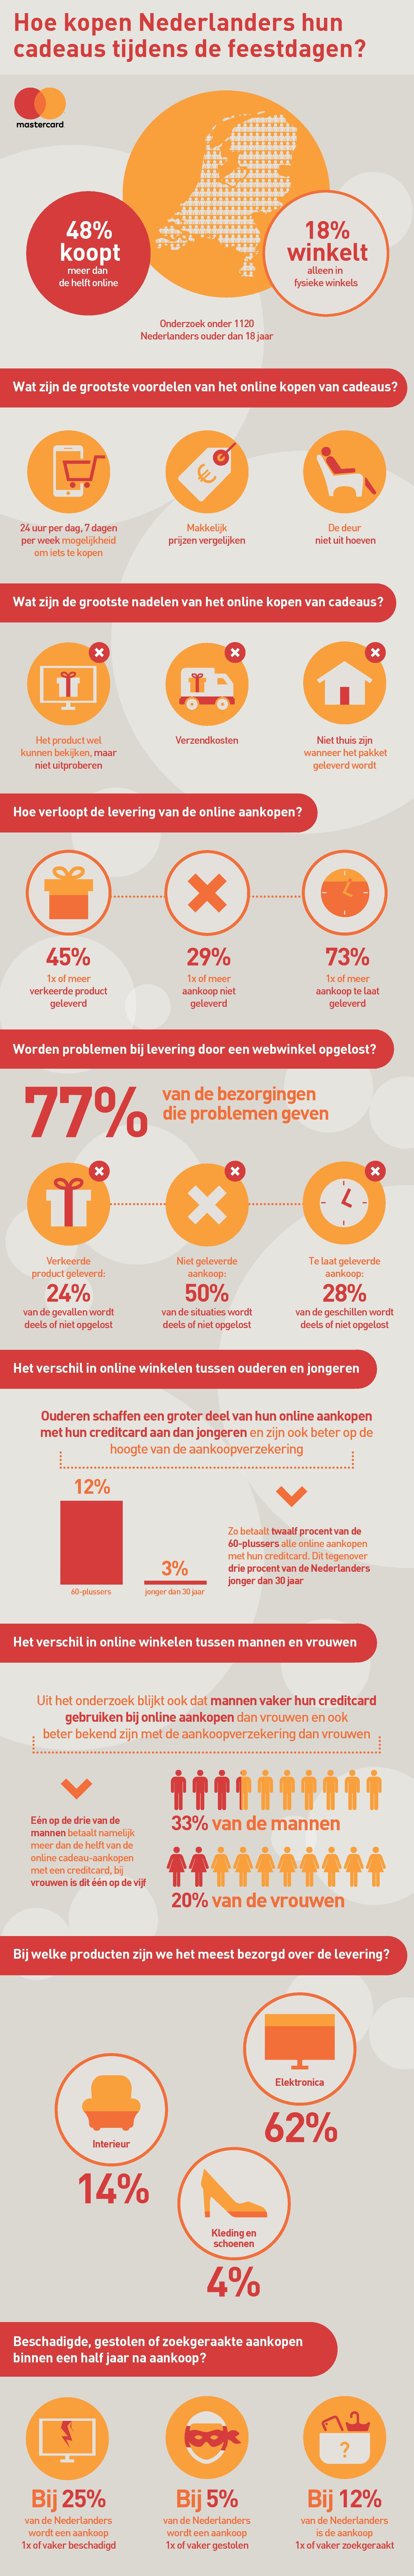 mastercard_nl_-hoe-kopen-nederlanders-hun-cadeaus-tijdens-de-feestdagen-page-001